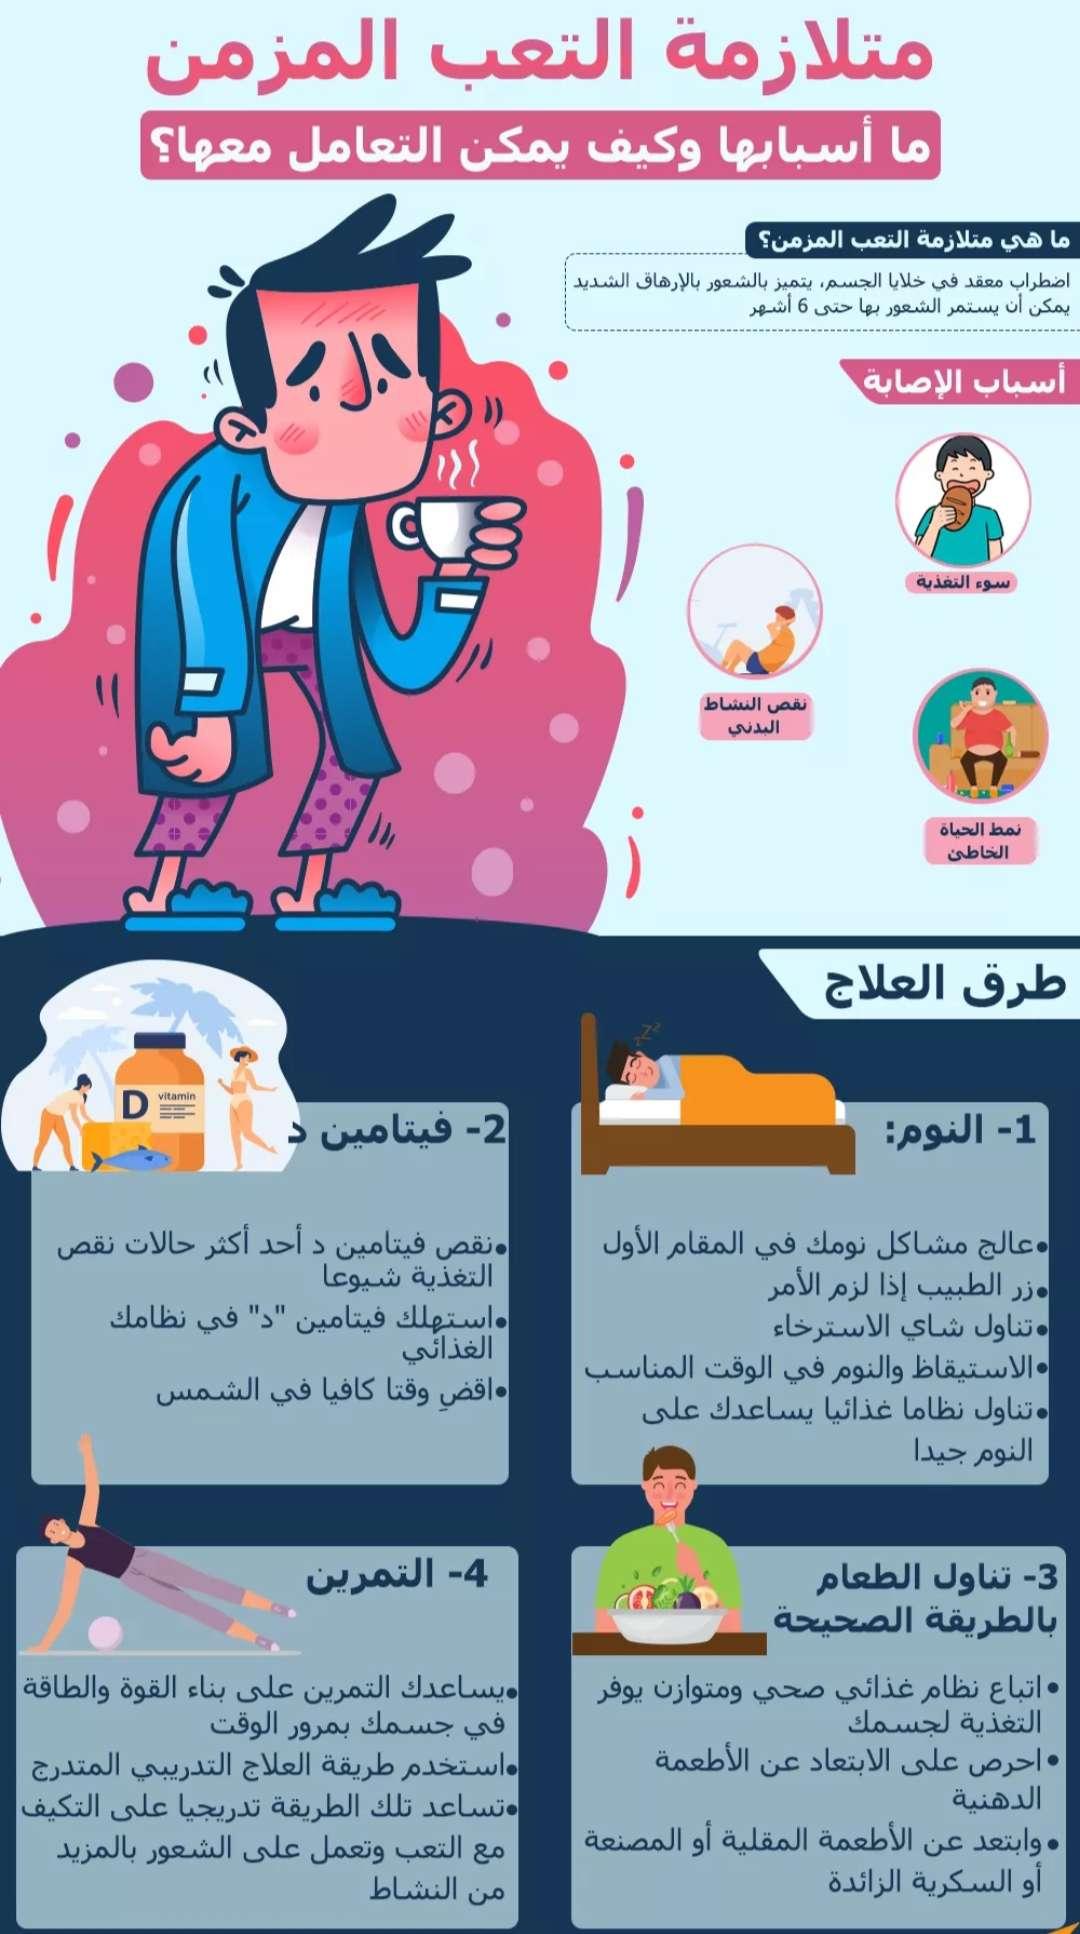 اهم 5 طرق لعلاج متلازمة التعب المزمن